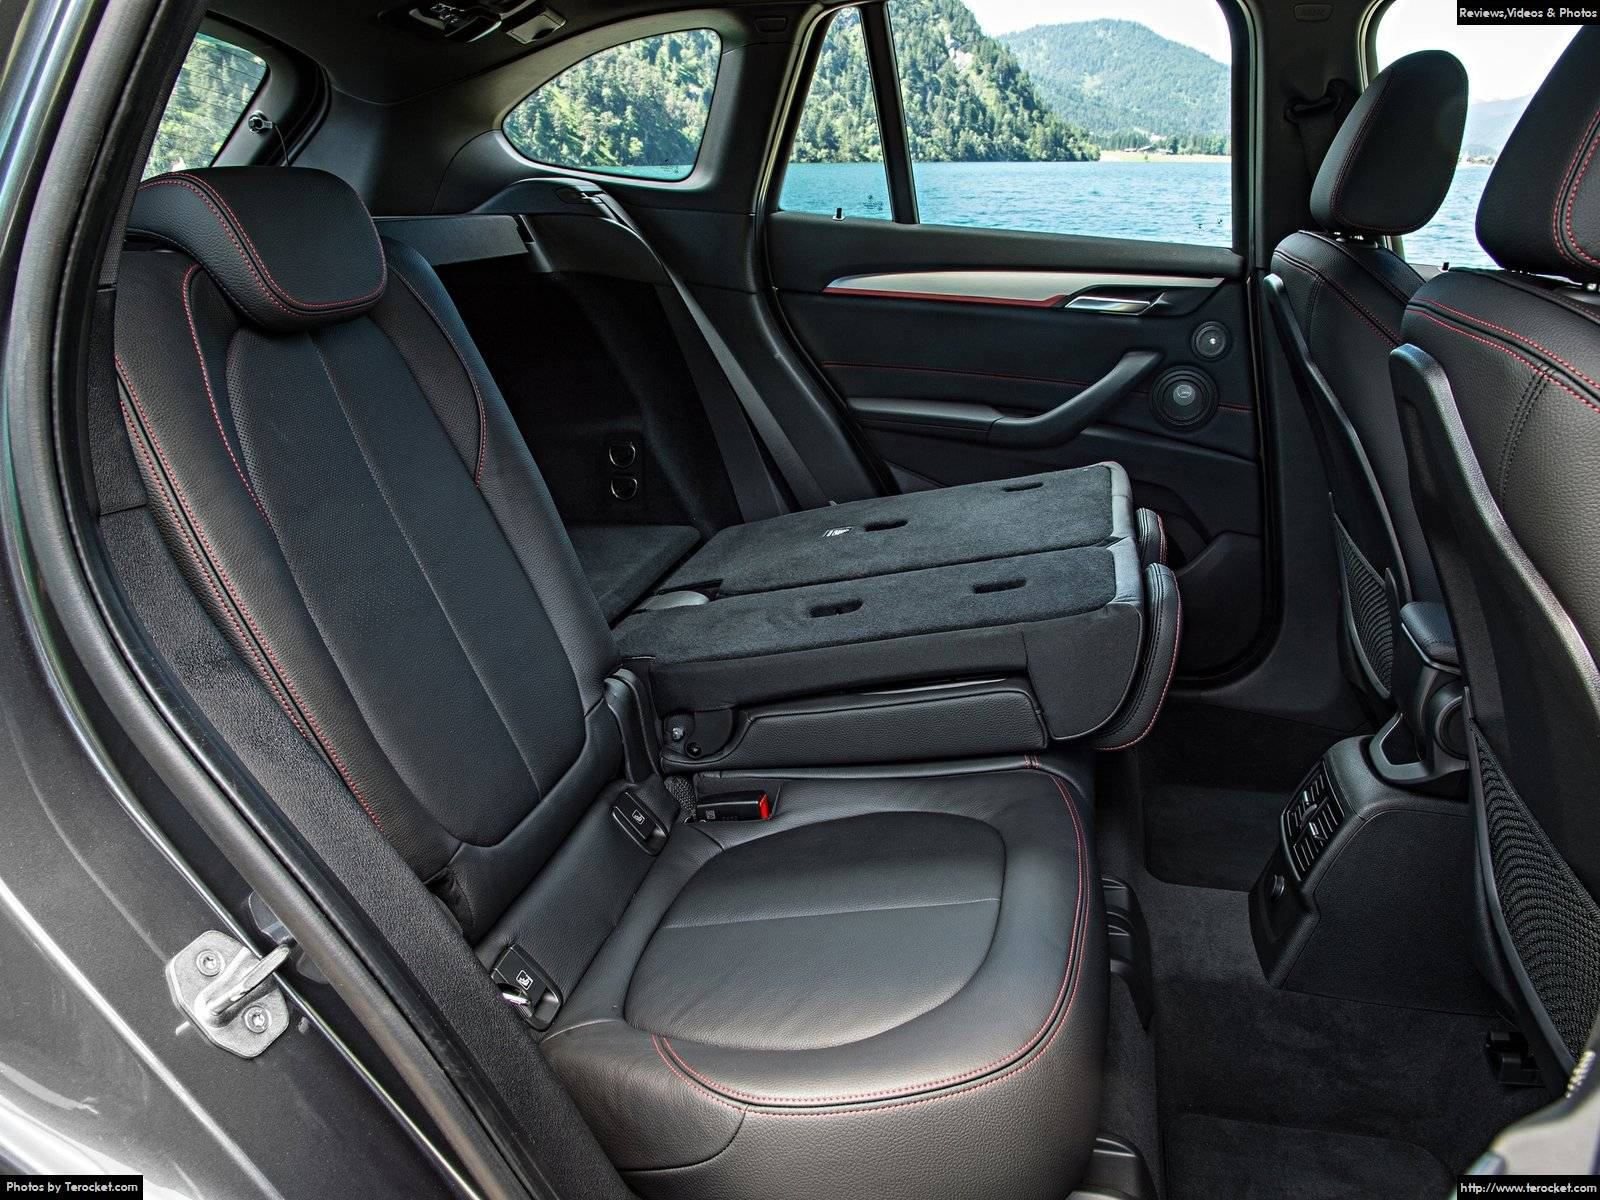 Hình ảnh xe ô tô BMW X1 2016 & nội ngoại thất